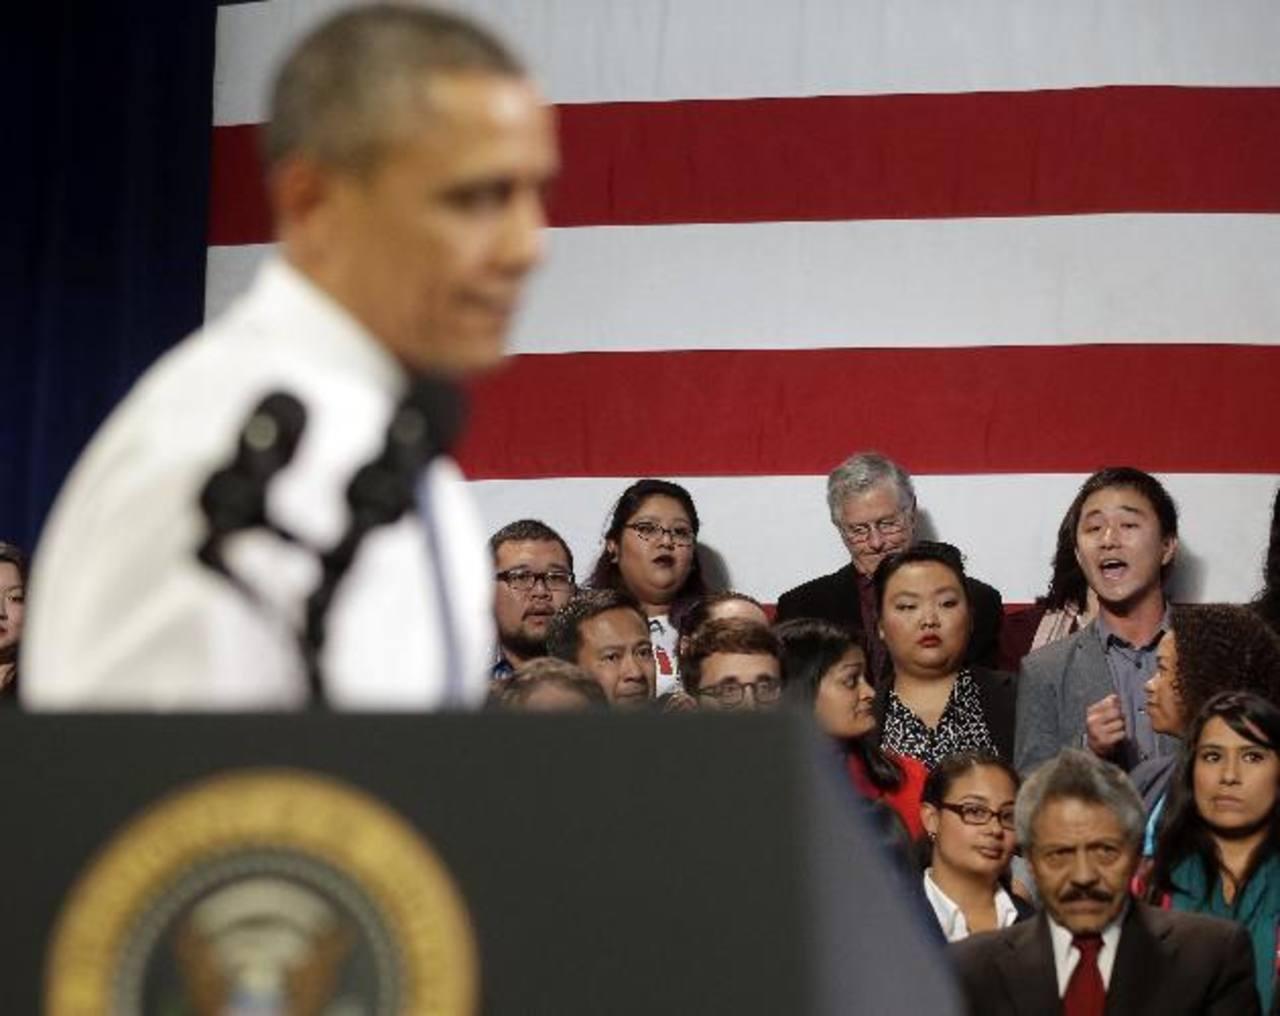 Recientemente, un estudiante increpó al presidente Barack Obama por no detener las deportaciones. foto edh / AP